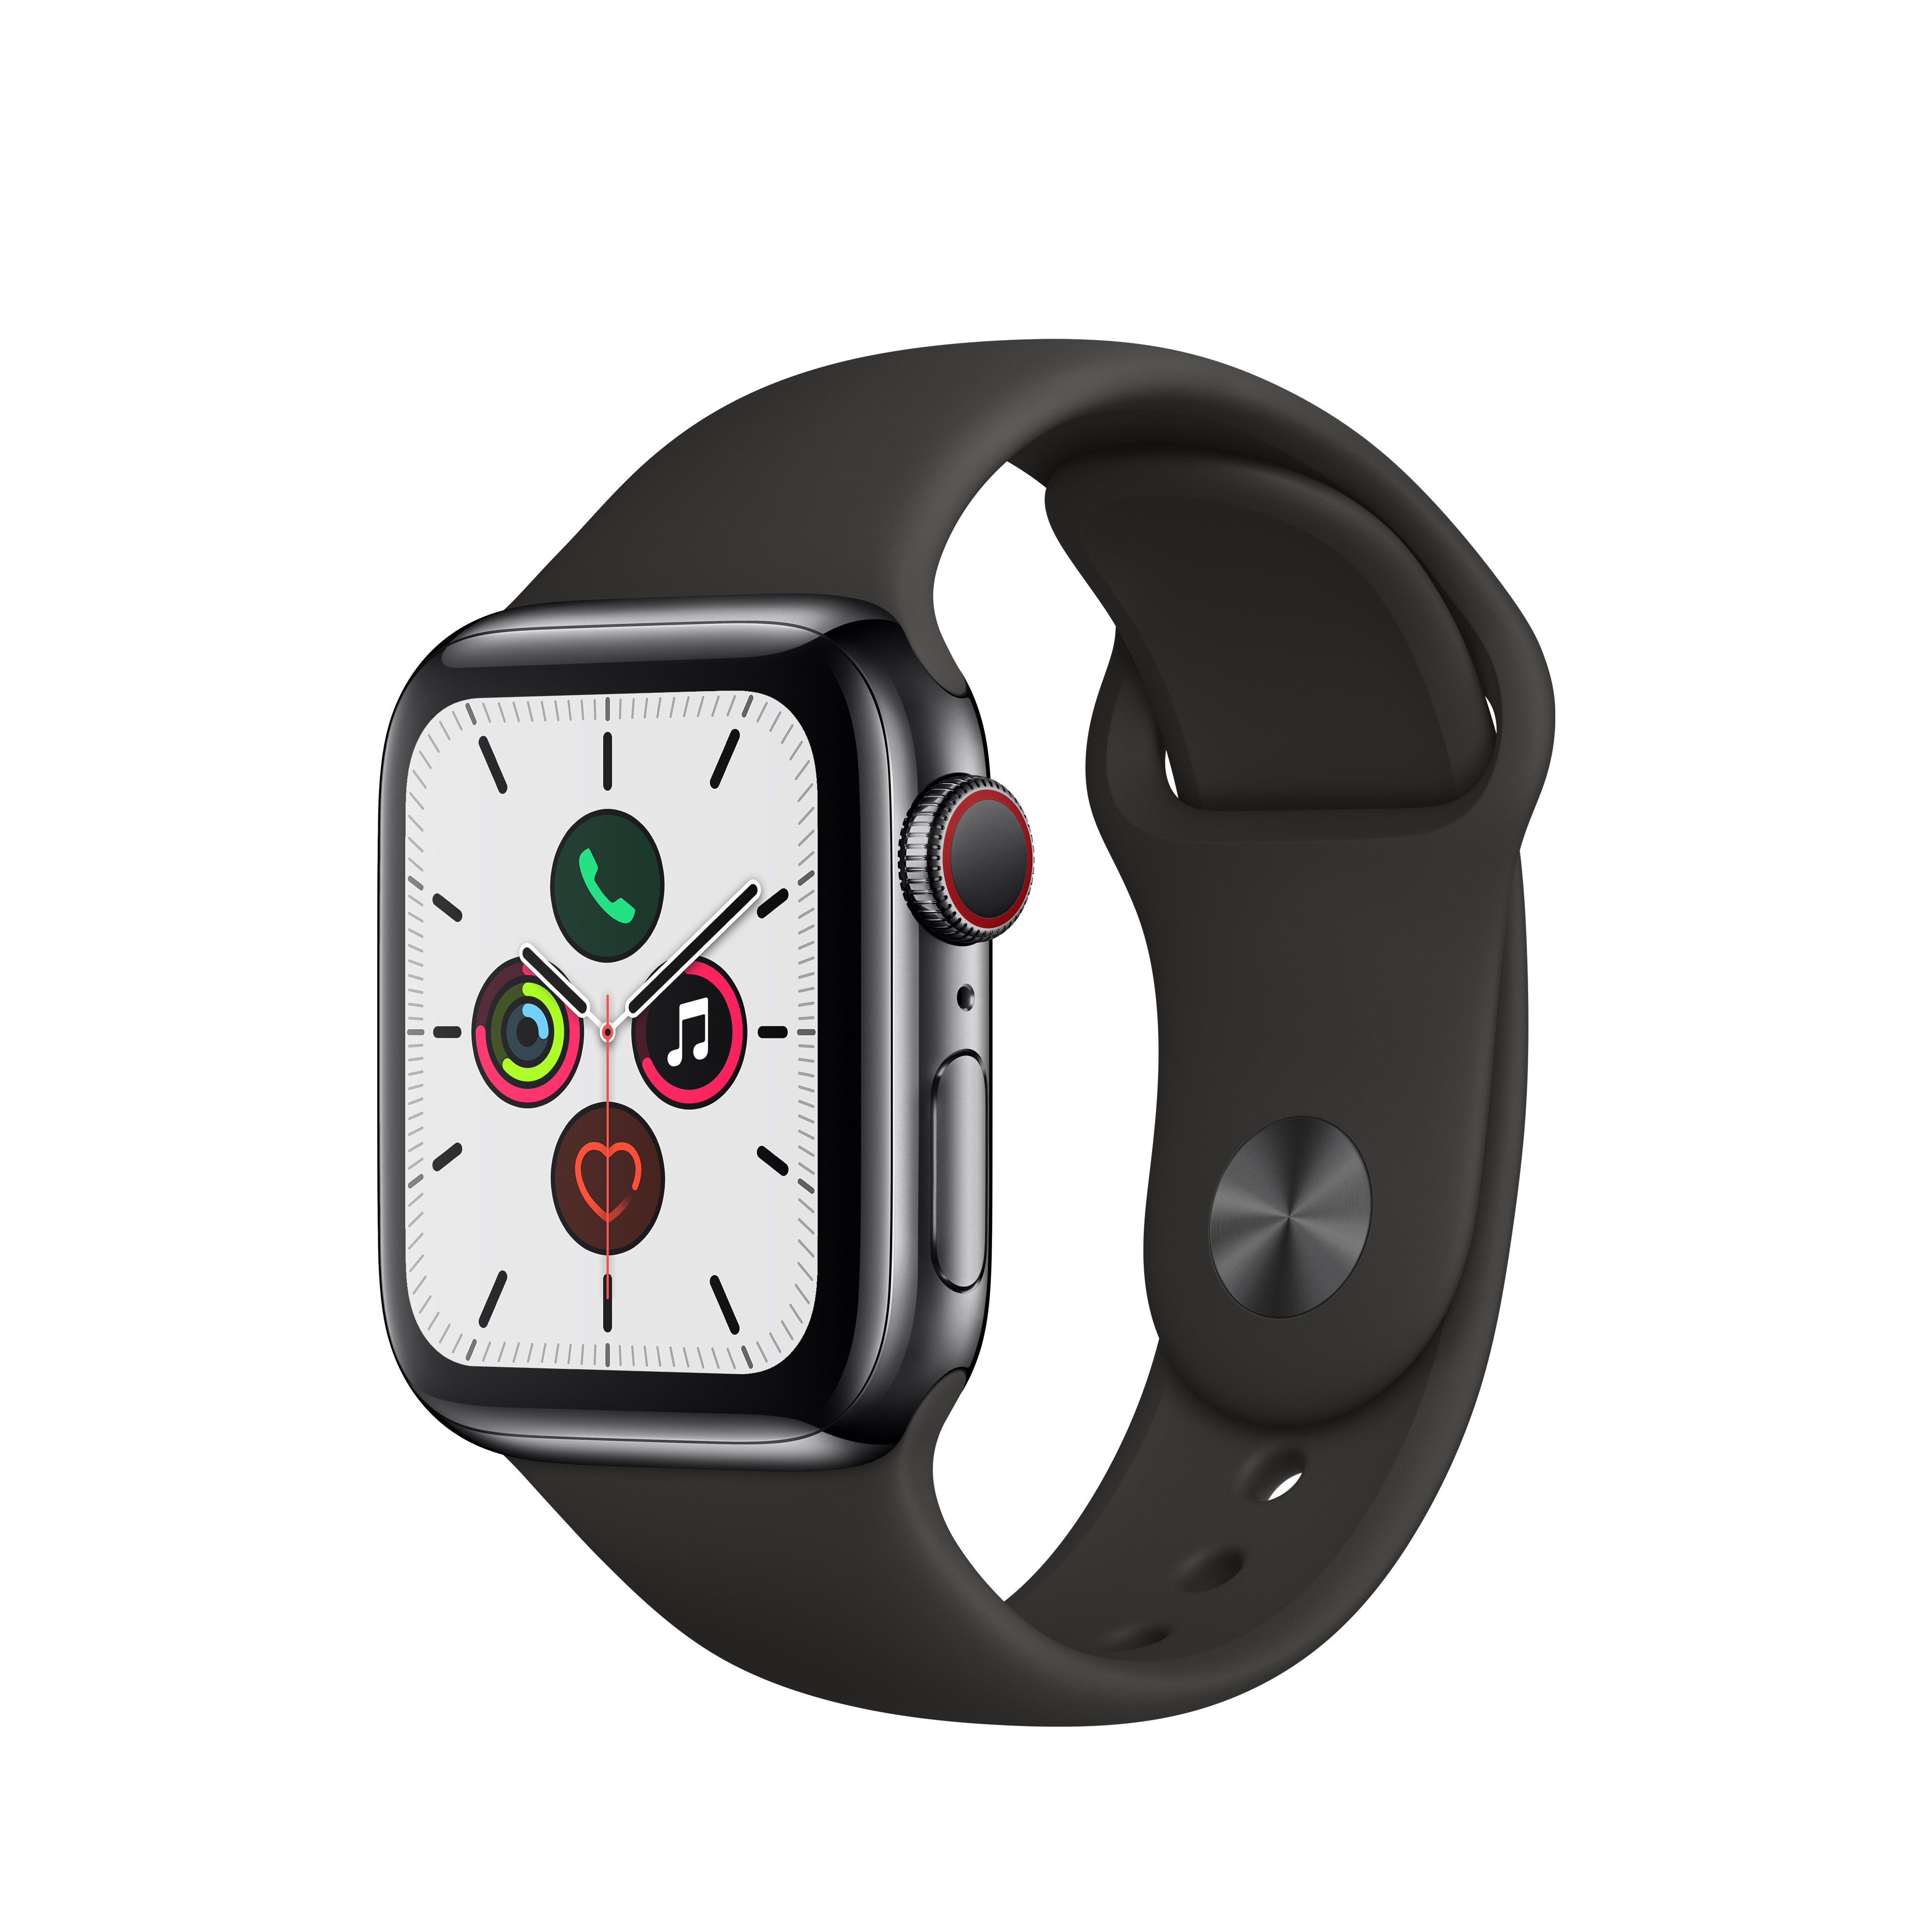 Apple 애플워치5 GPS + 셀룰러 40mm 스포츠밴드 + 스테인리스스틸 케이스, 블랙(MWX82KH/A), 블랙(밴드)